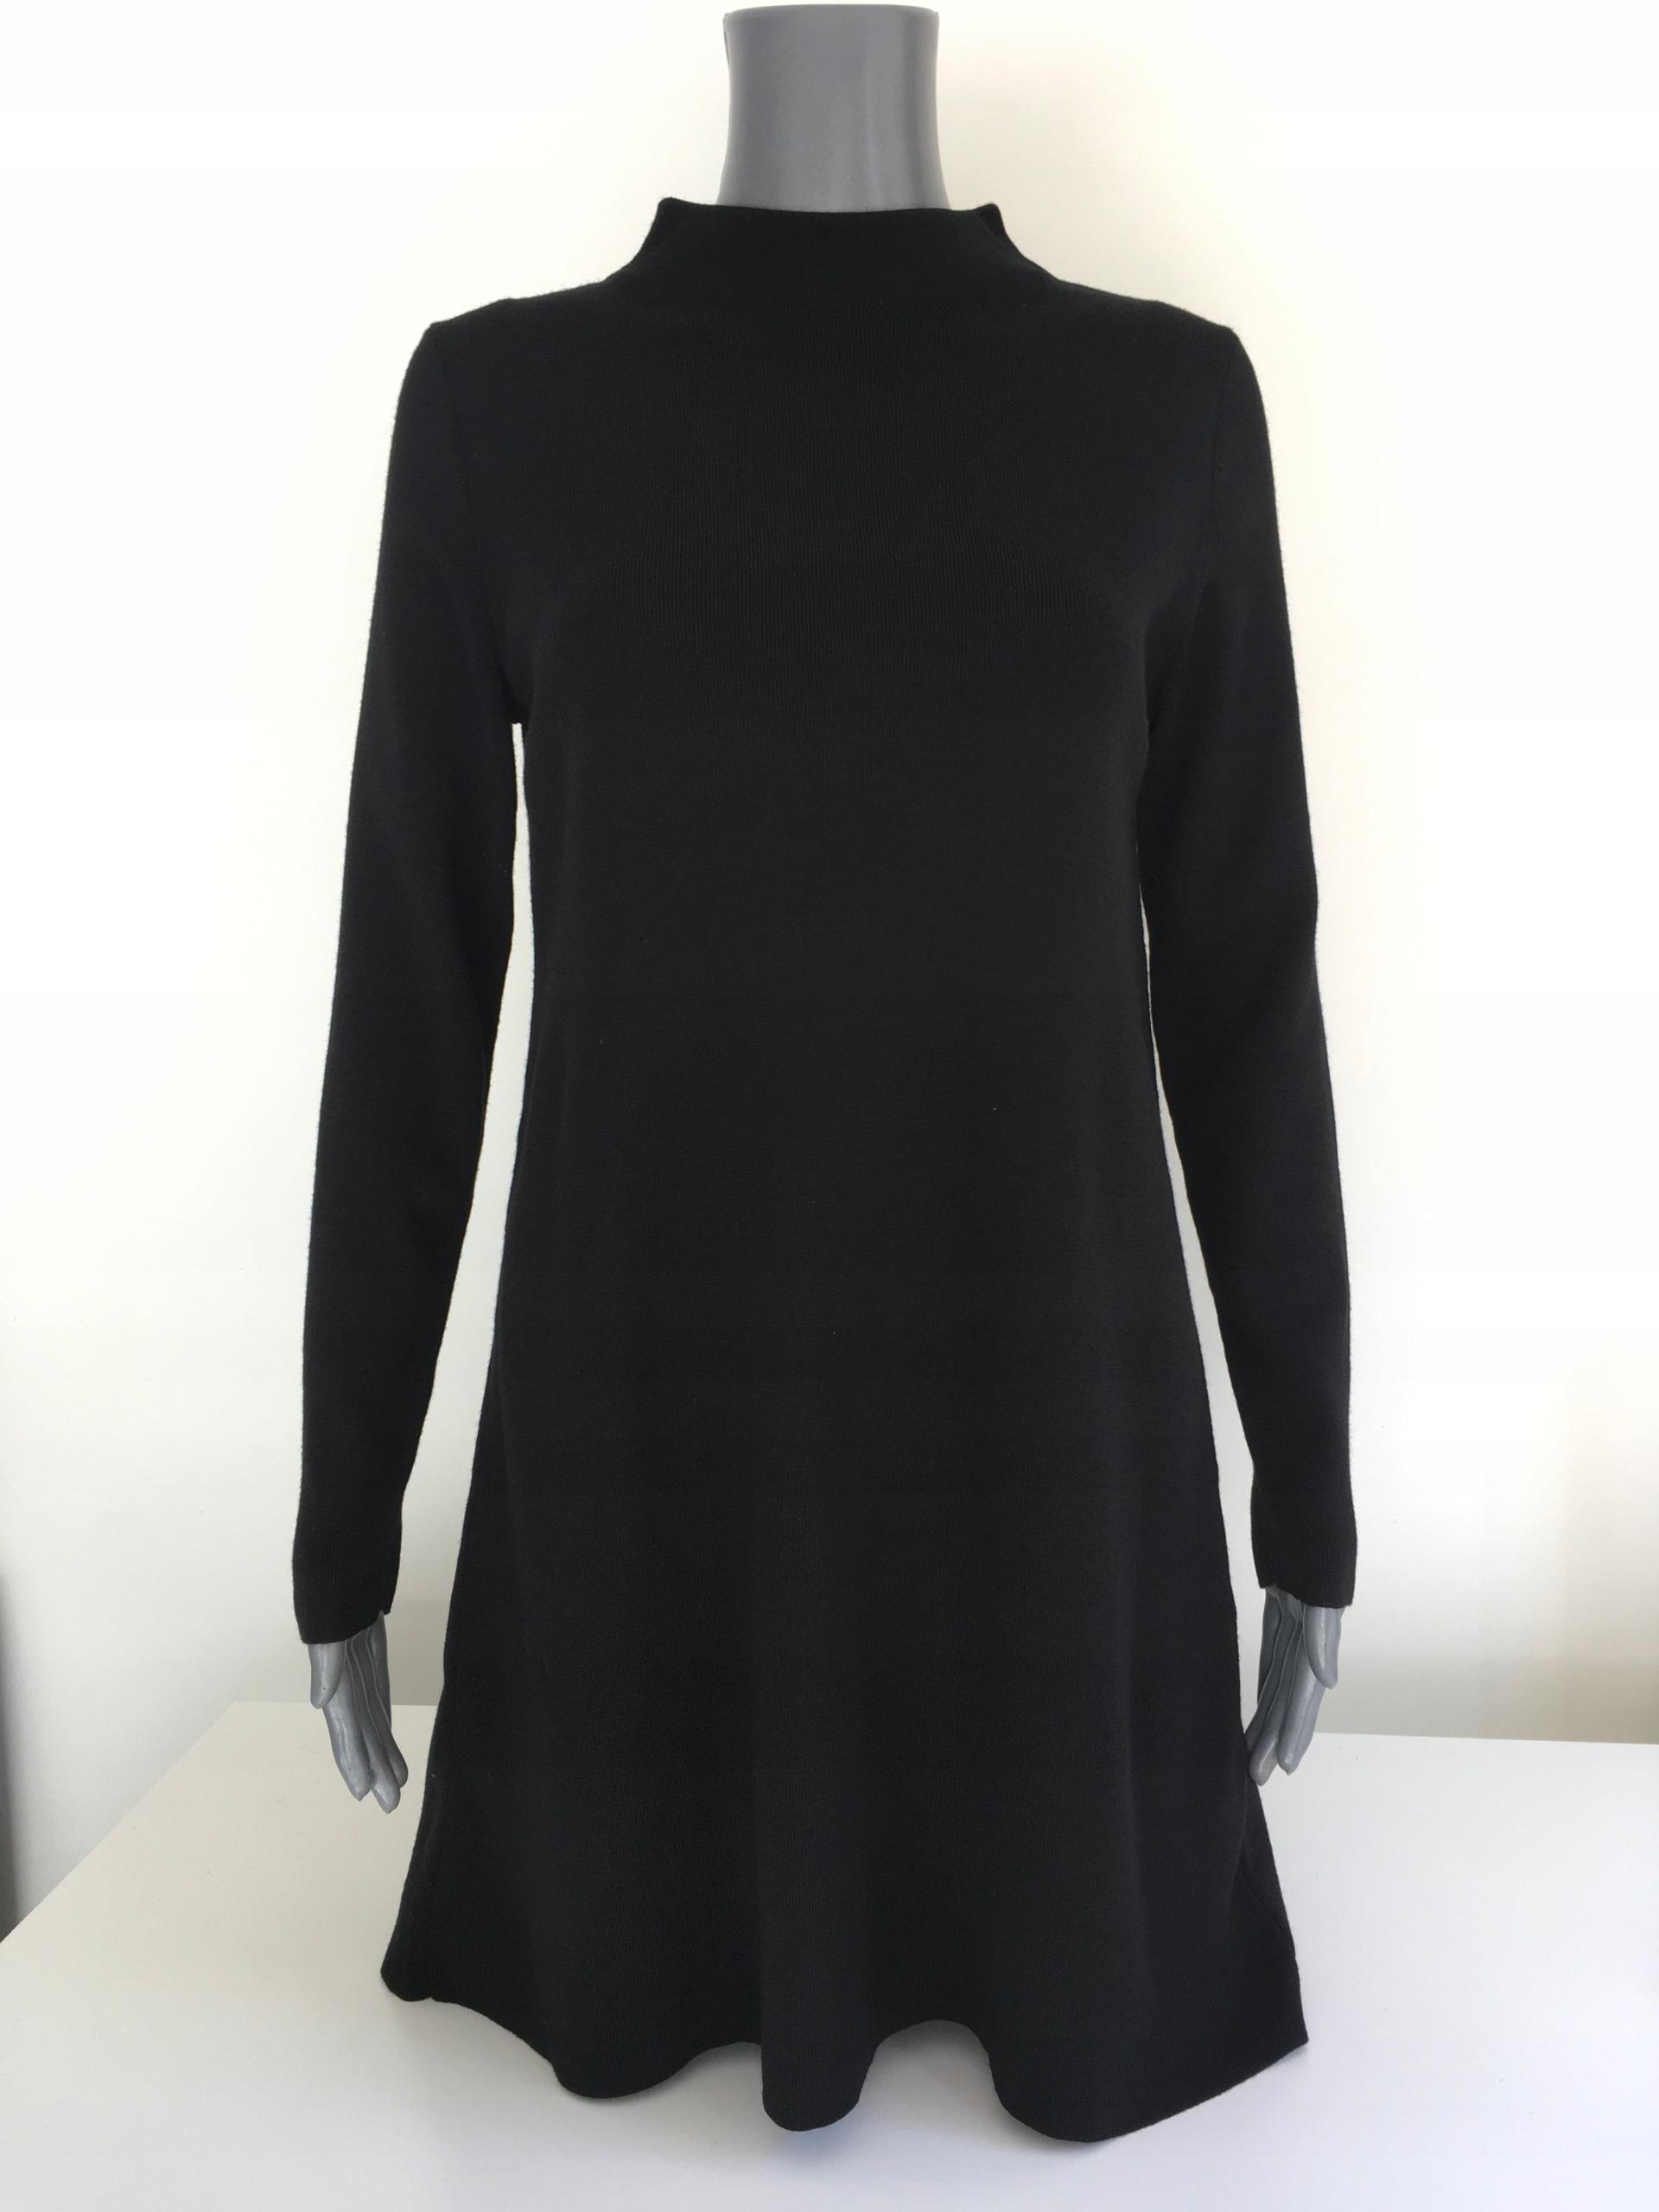 COS elegancka tunika, 100% wełna, czarna, rozm. M